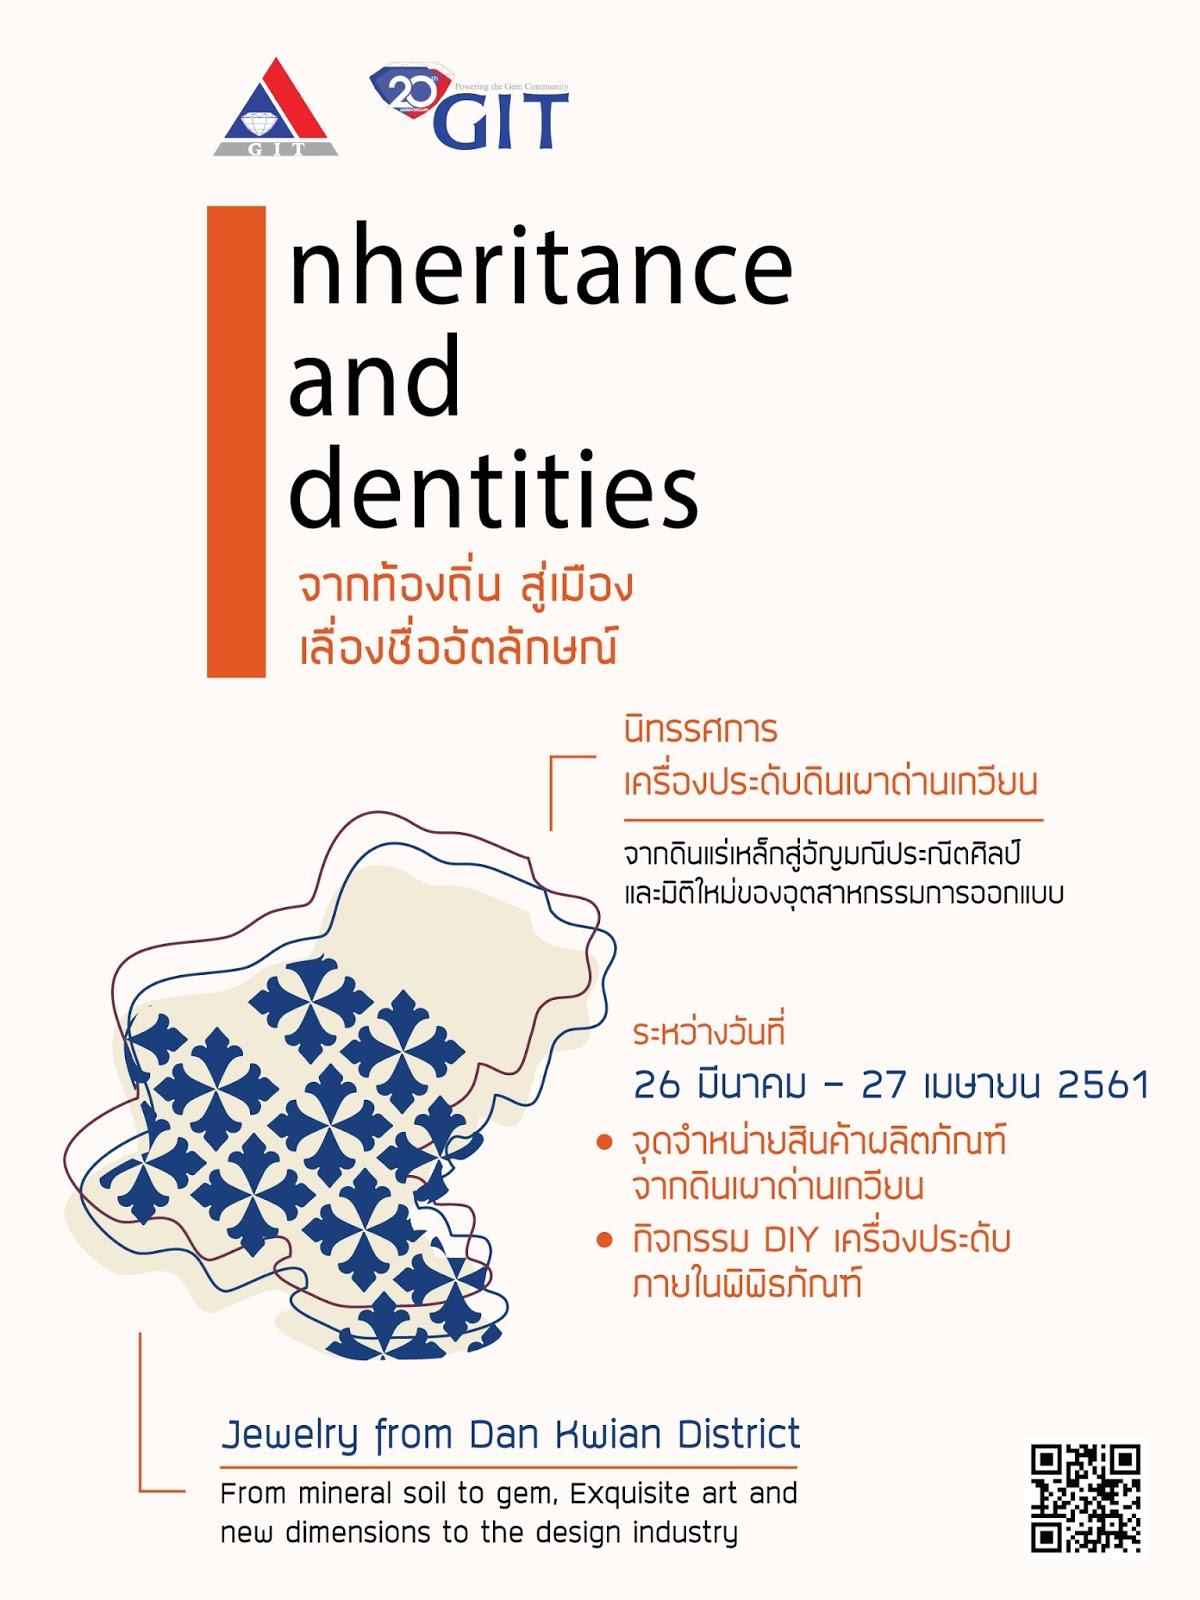 """นิทรรศการ """"จากท้องถิ่น สู่เมือง เลื่องชื่ออัตลักษณ์"""" Inheritance and Identities   จากดินแร่เหล็กสู่อัญมณีประณีตศิลป์และมิติใหม่ของอุตสาหกรรมการออกแบบ"""